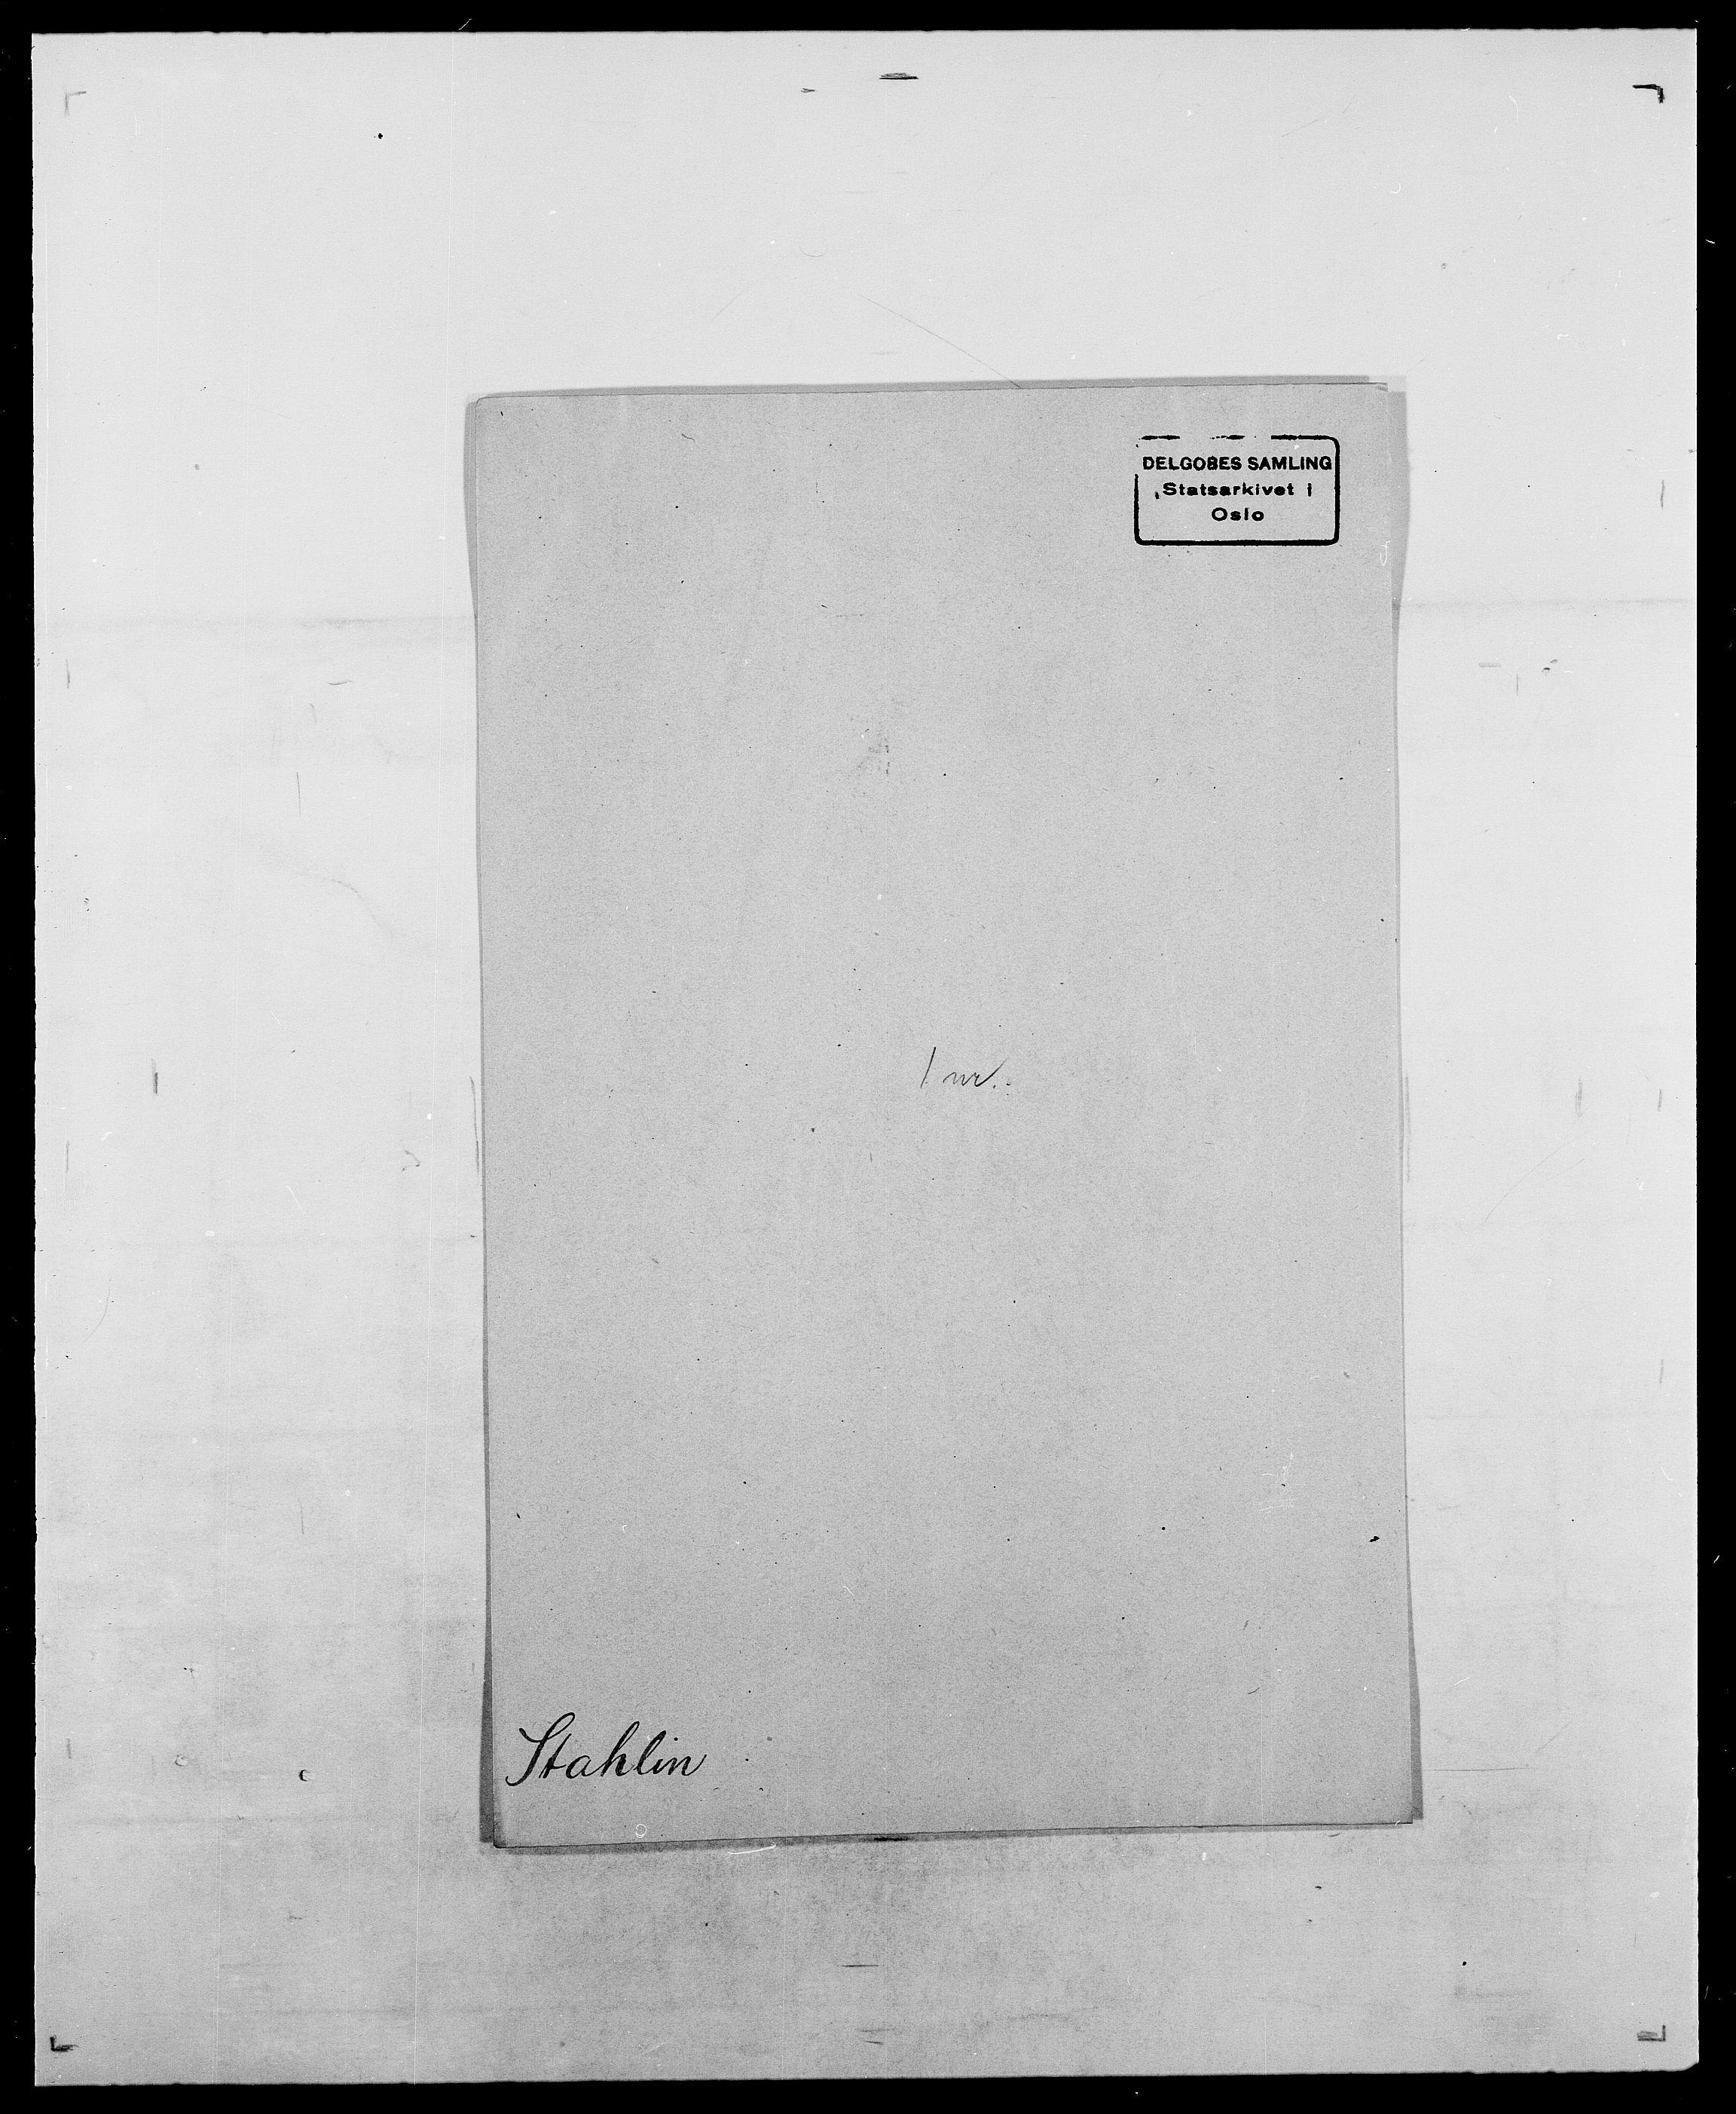 SAO, Delgobe, Charles Antoine - samling, D/Da/L0036: Skaanør - Staverskov, s. 932